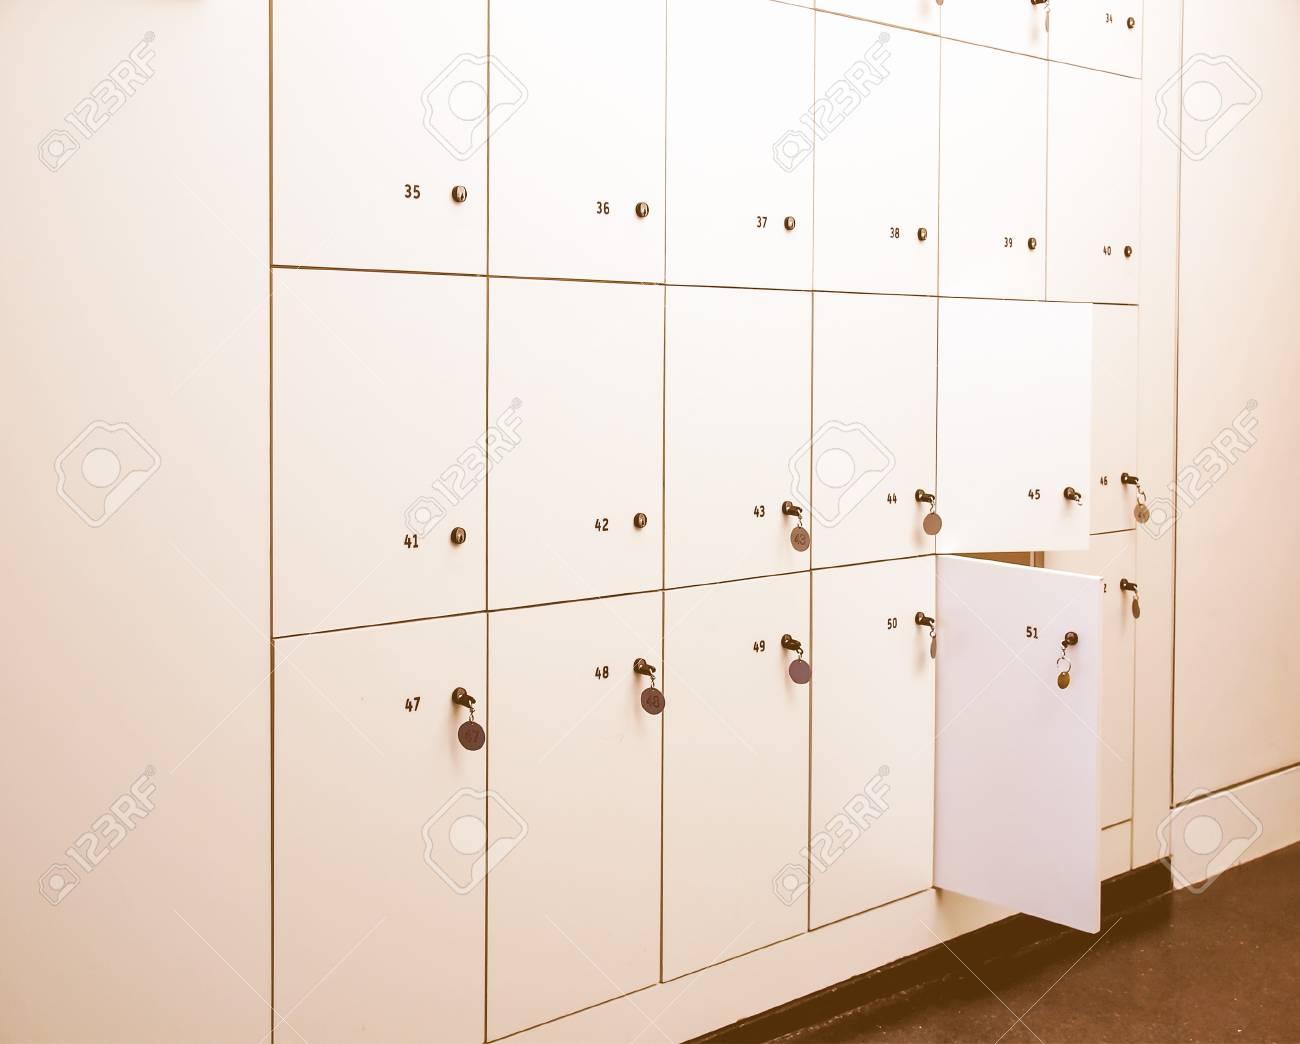 casiers armoires dans un vestiaire a l ecole ou d un musee ou d une station millesime